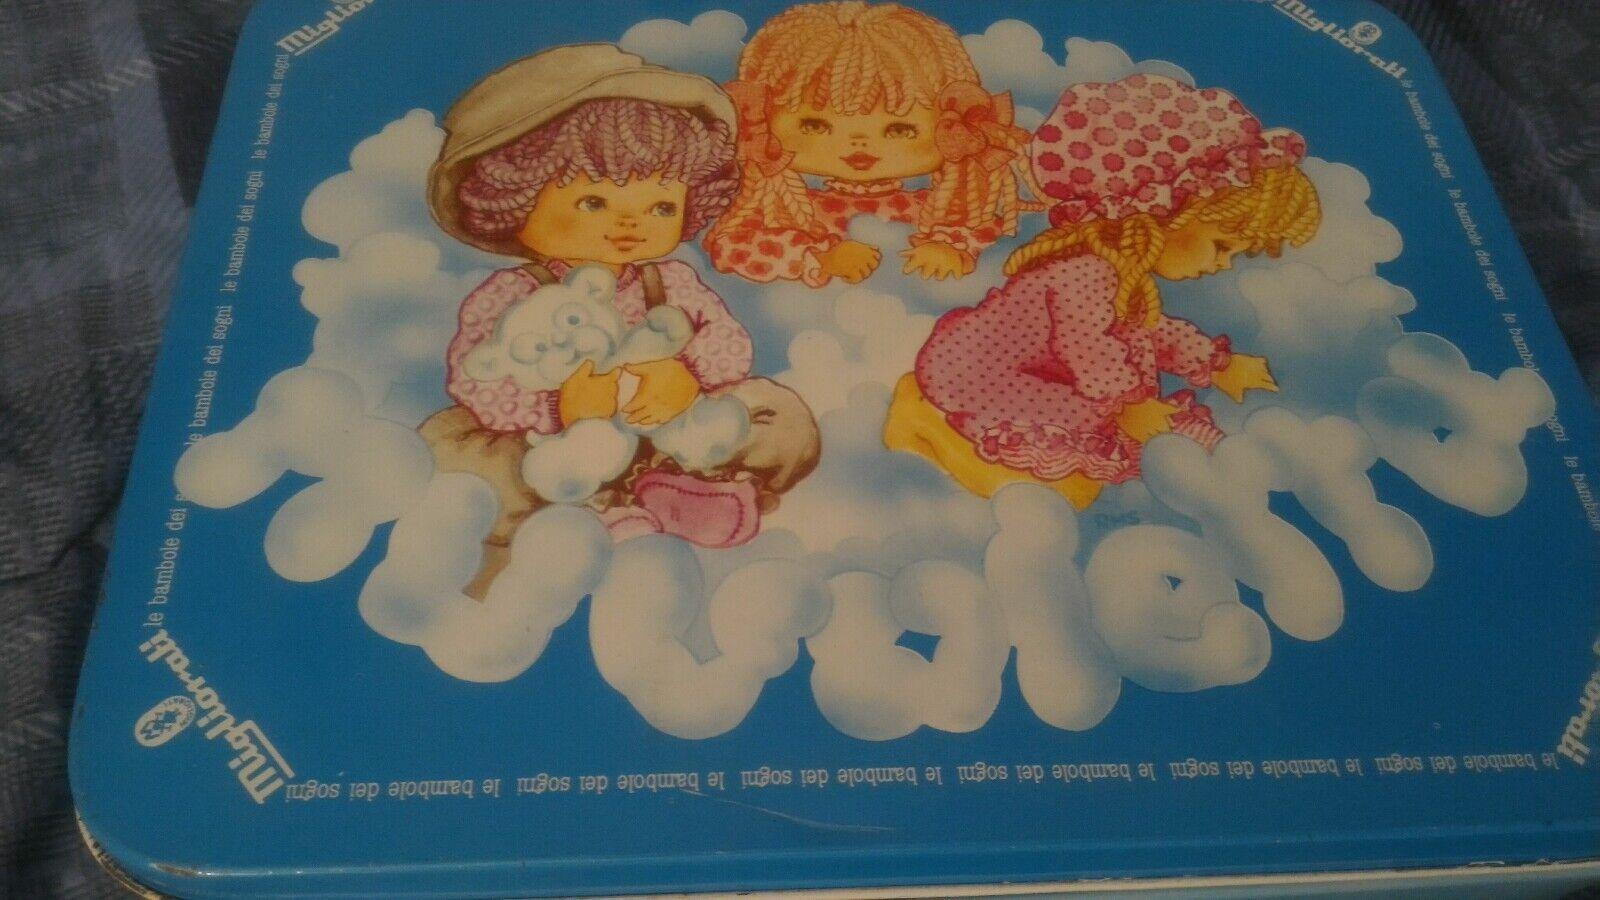 Box Zinn Vintage Verbesserte Wolke Alle Puppen der Träume 23 5x18x14 Cm